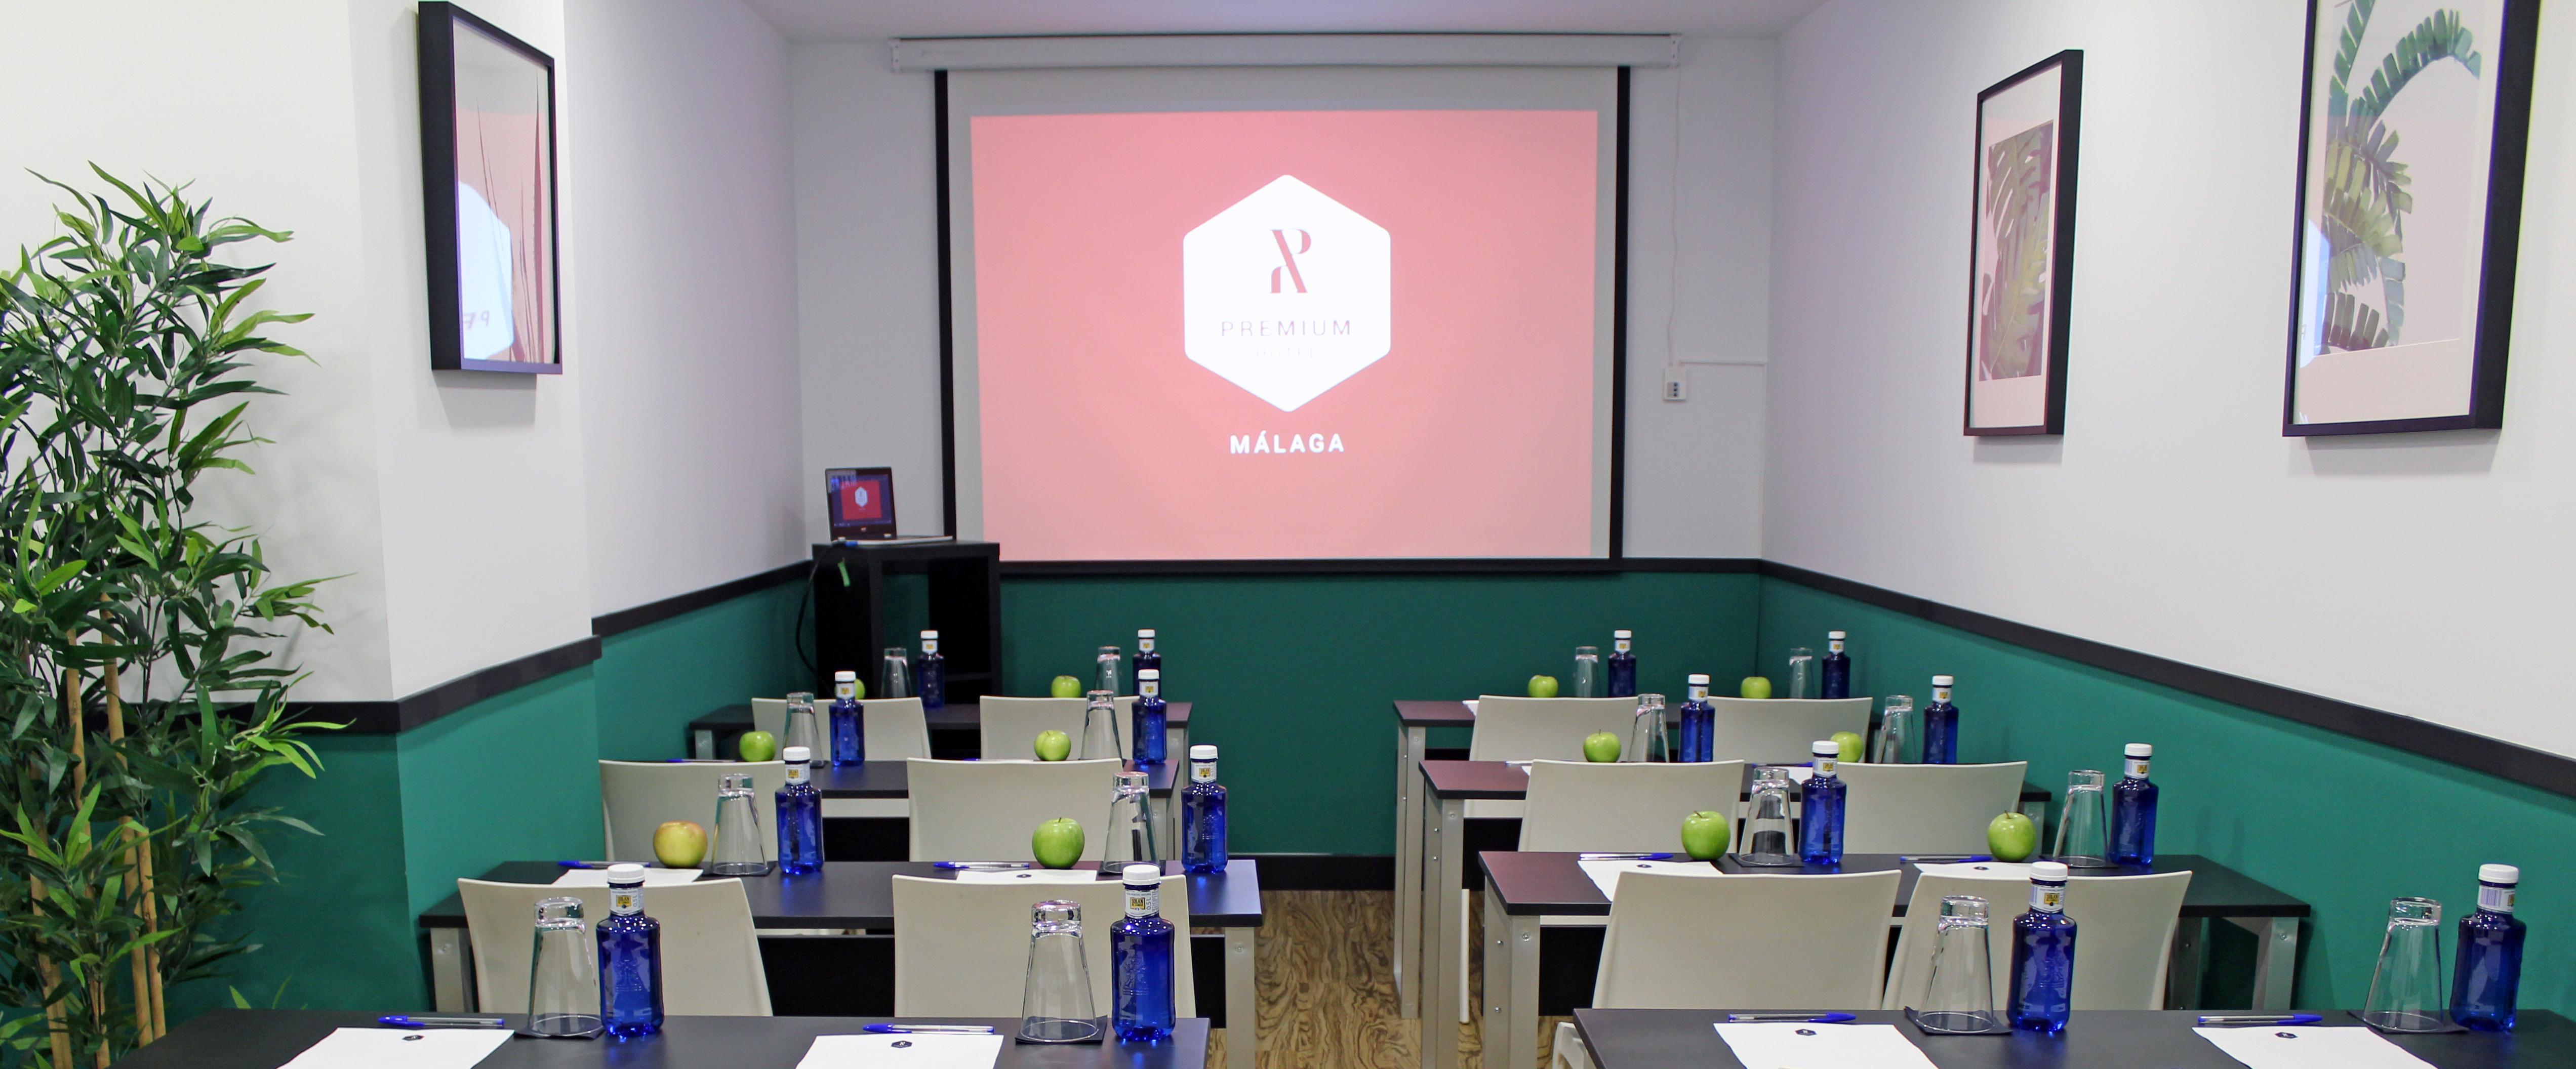 Grupo Premium, eventos para empresas en Málaga, hotel Málaga centro